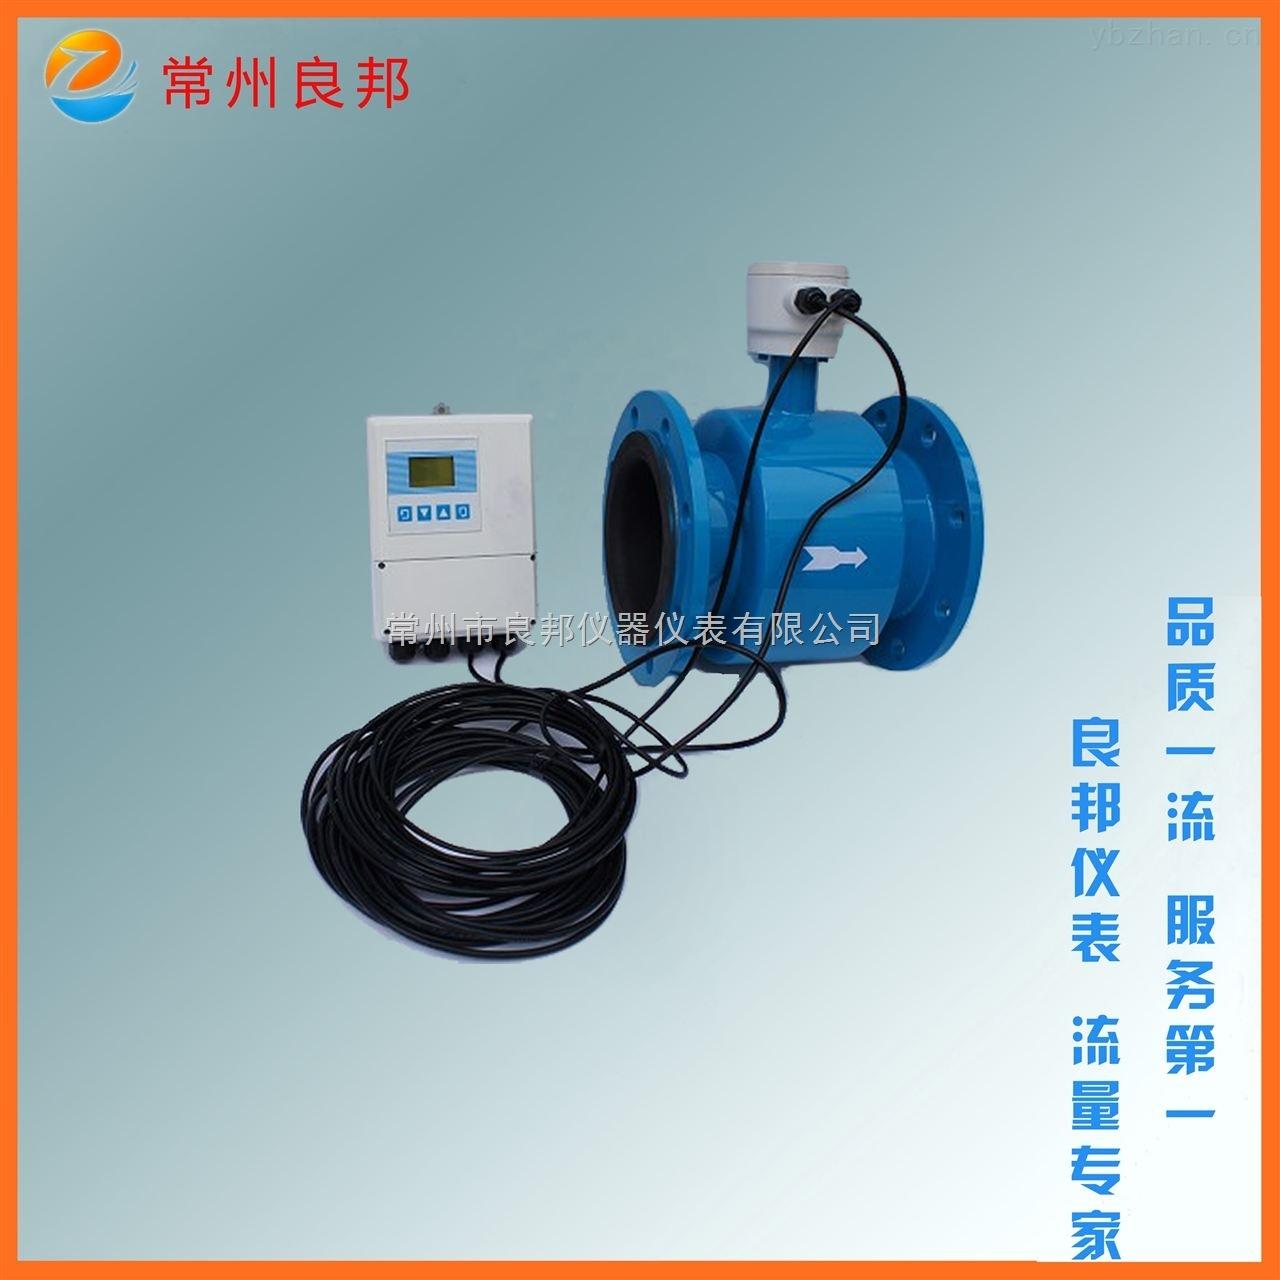 LDG-400/CR-大口徑自來水電磁流量計 分體式安裝方便220V供電 內襯四氟鉭電極電表箱配HART協議